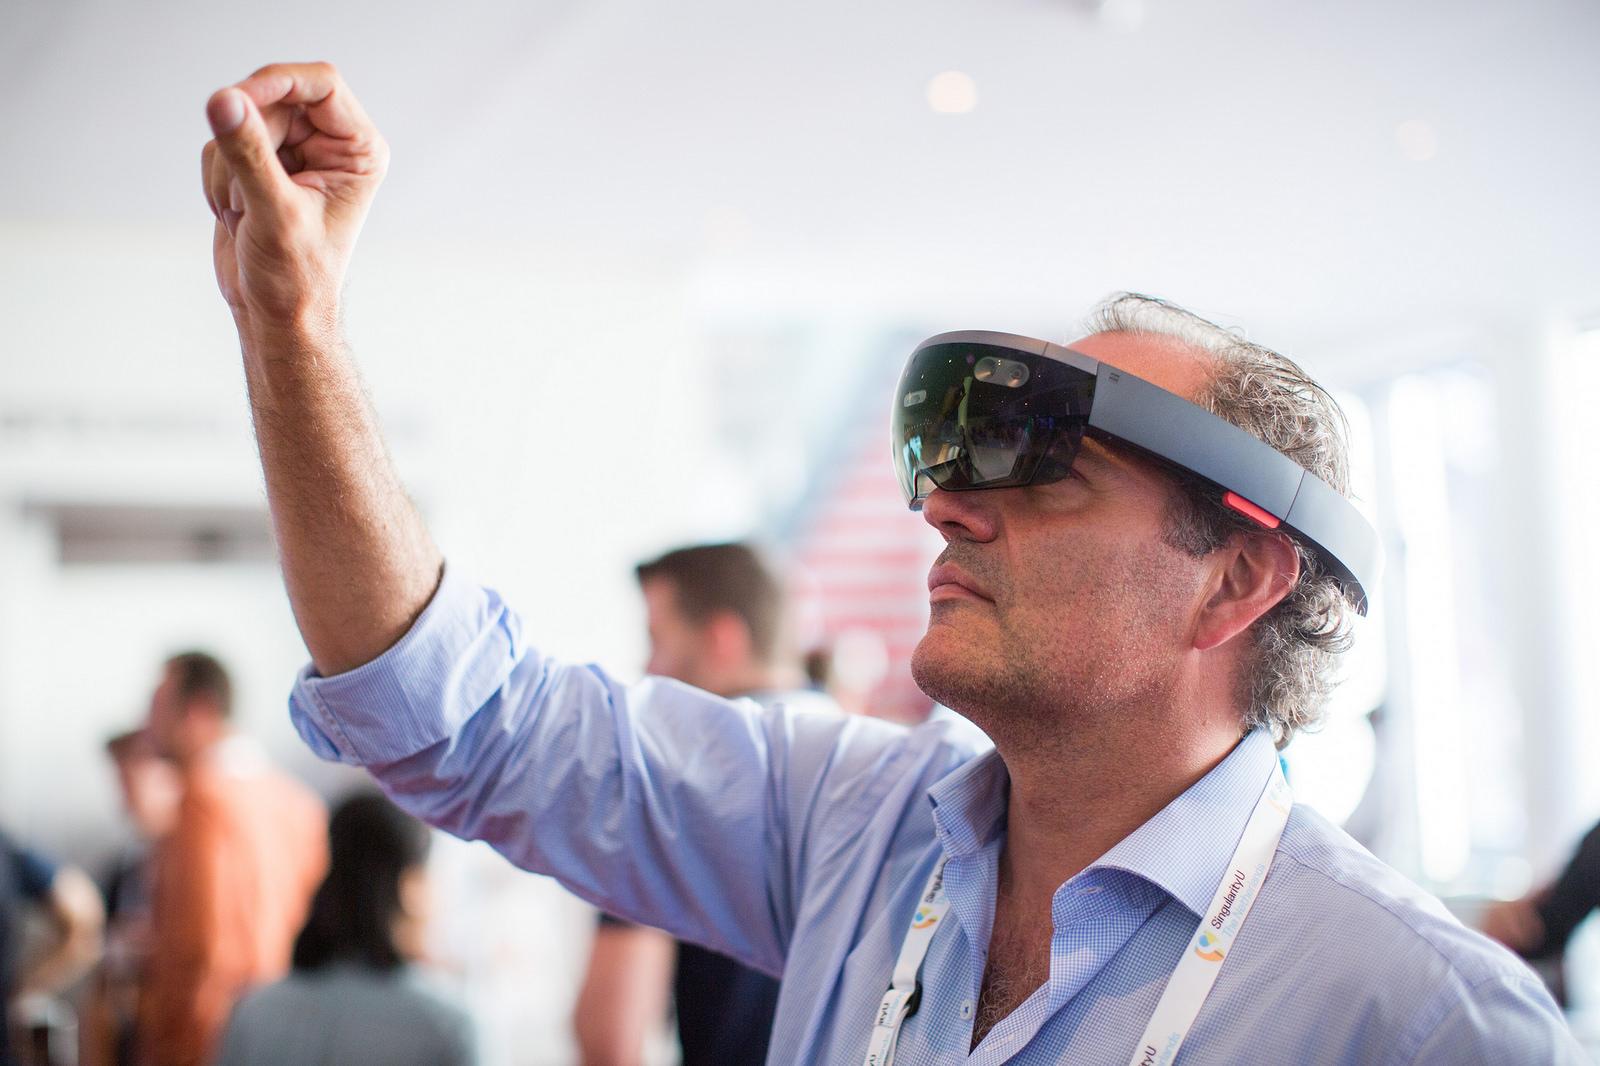 HoloLens apps ontwikkelen? Onze vijf lessen